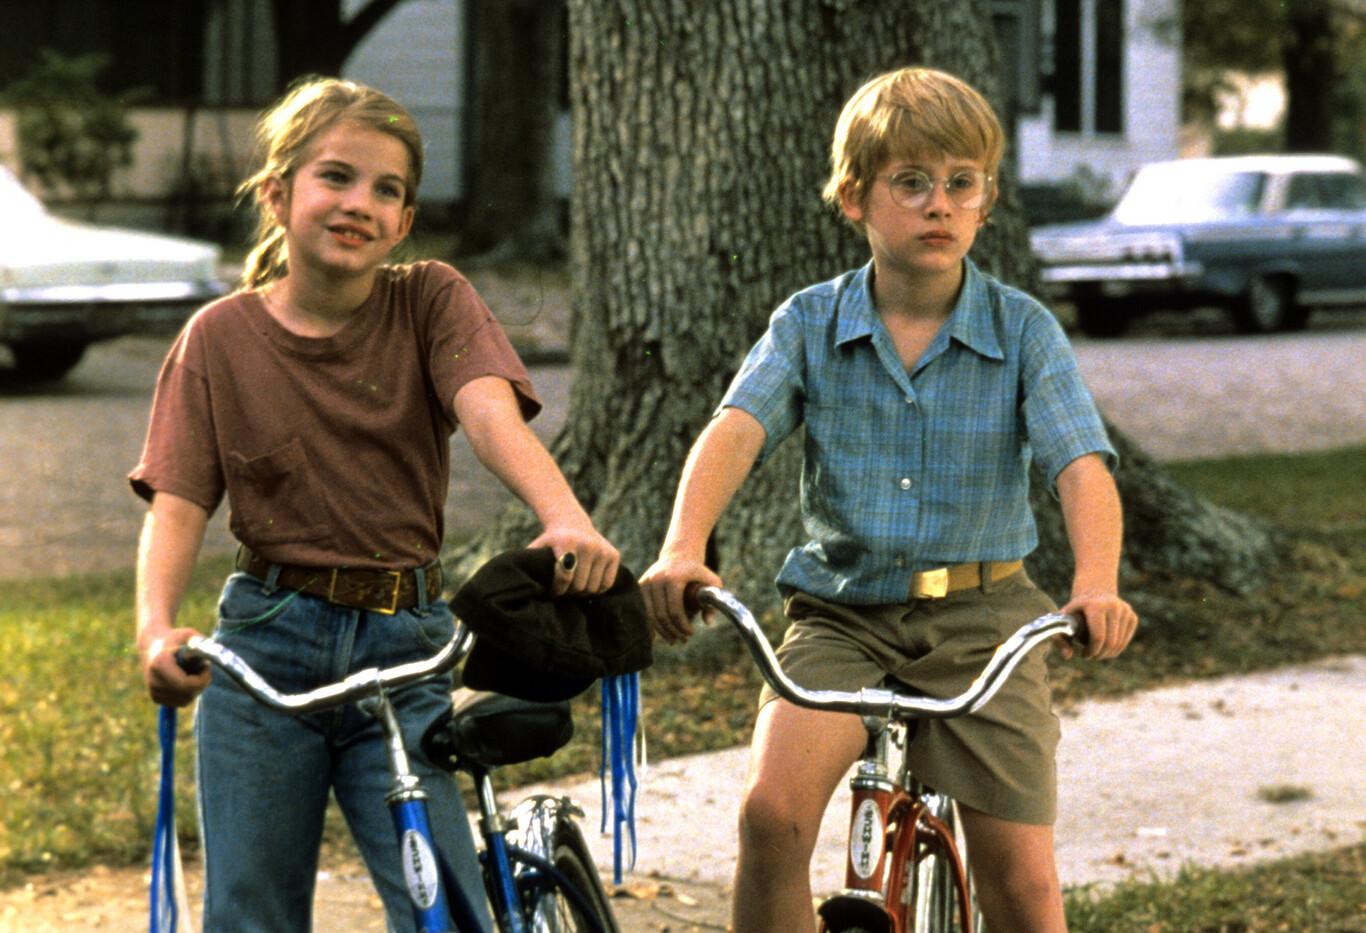 Anna Chlumsky y Macaulay Culkin, en una escena del filme.